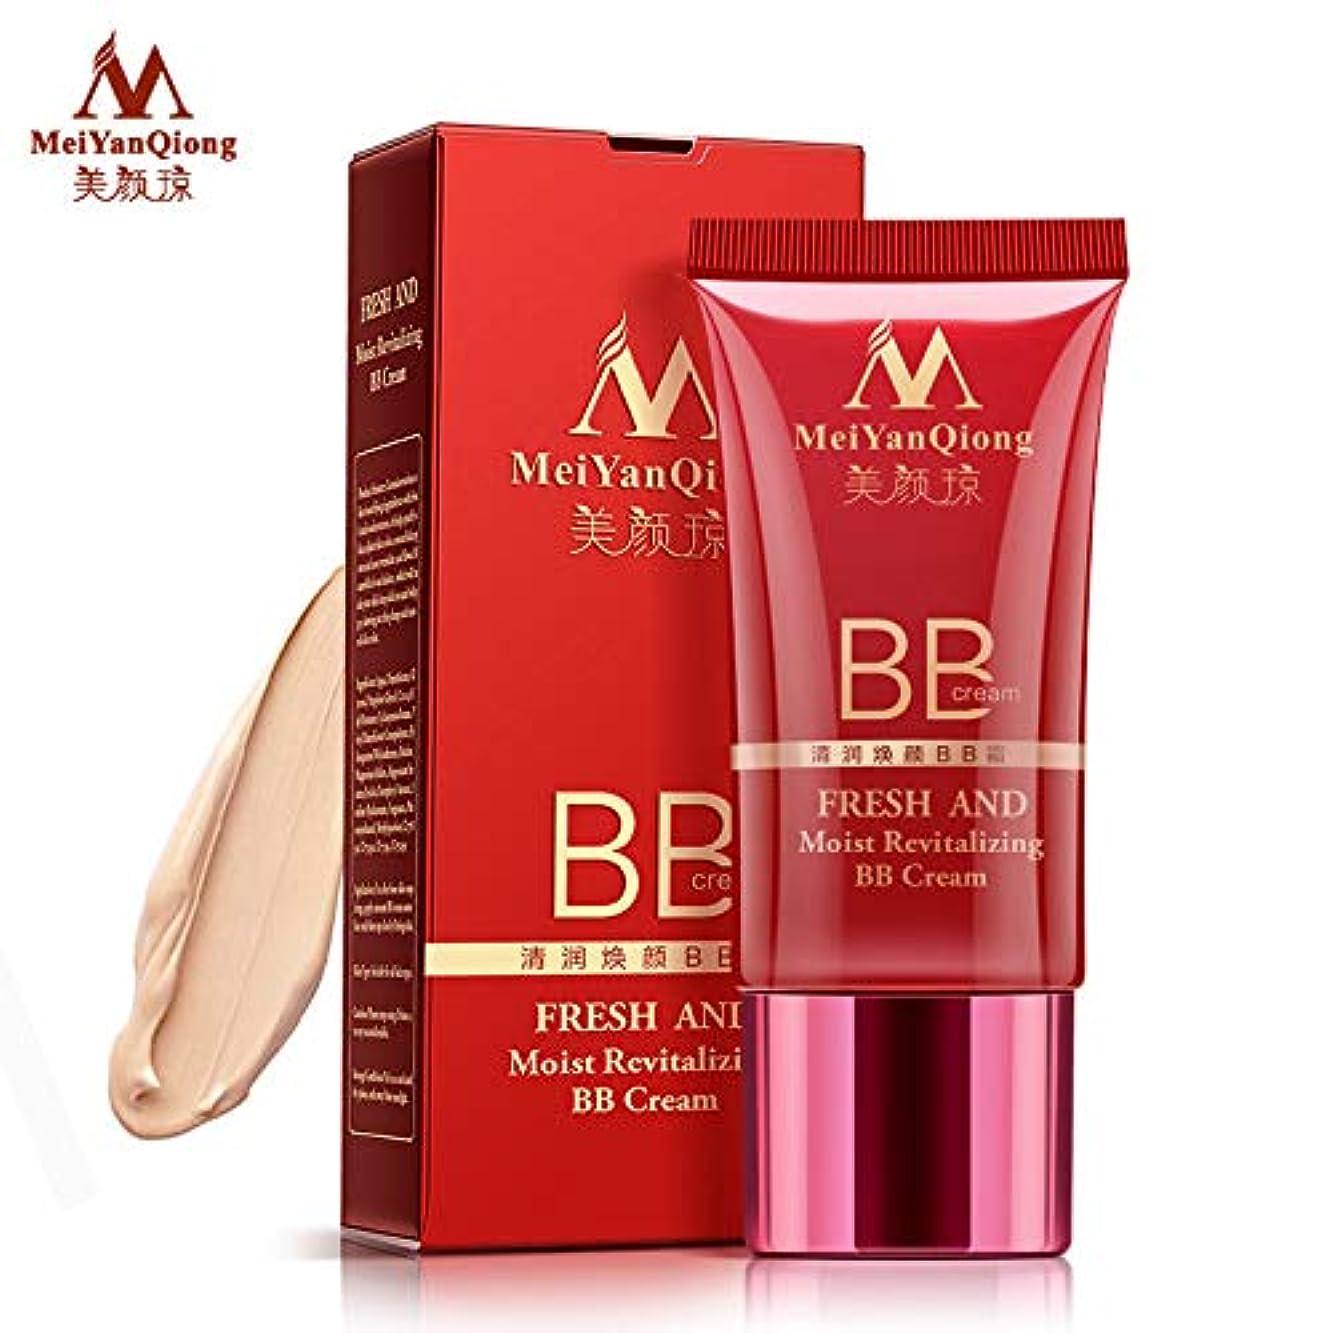 均等に震える対応Symboat BBクリーム フレッシュ しっとり 活性化 メイクアップ フェイスケア 美白 コンパクト ファンデーション メイクツール 化粧ベース 美容 化粧品 健康的な自然な肌色